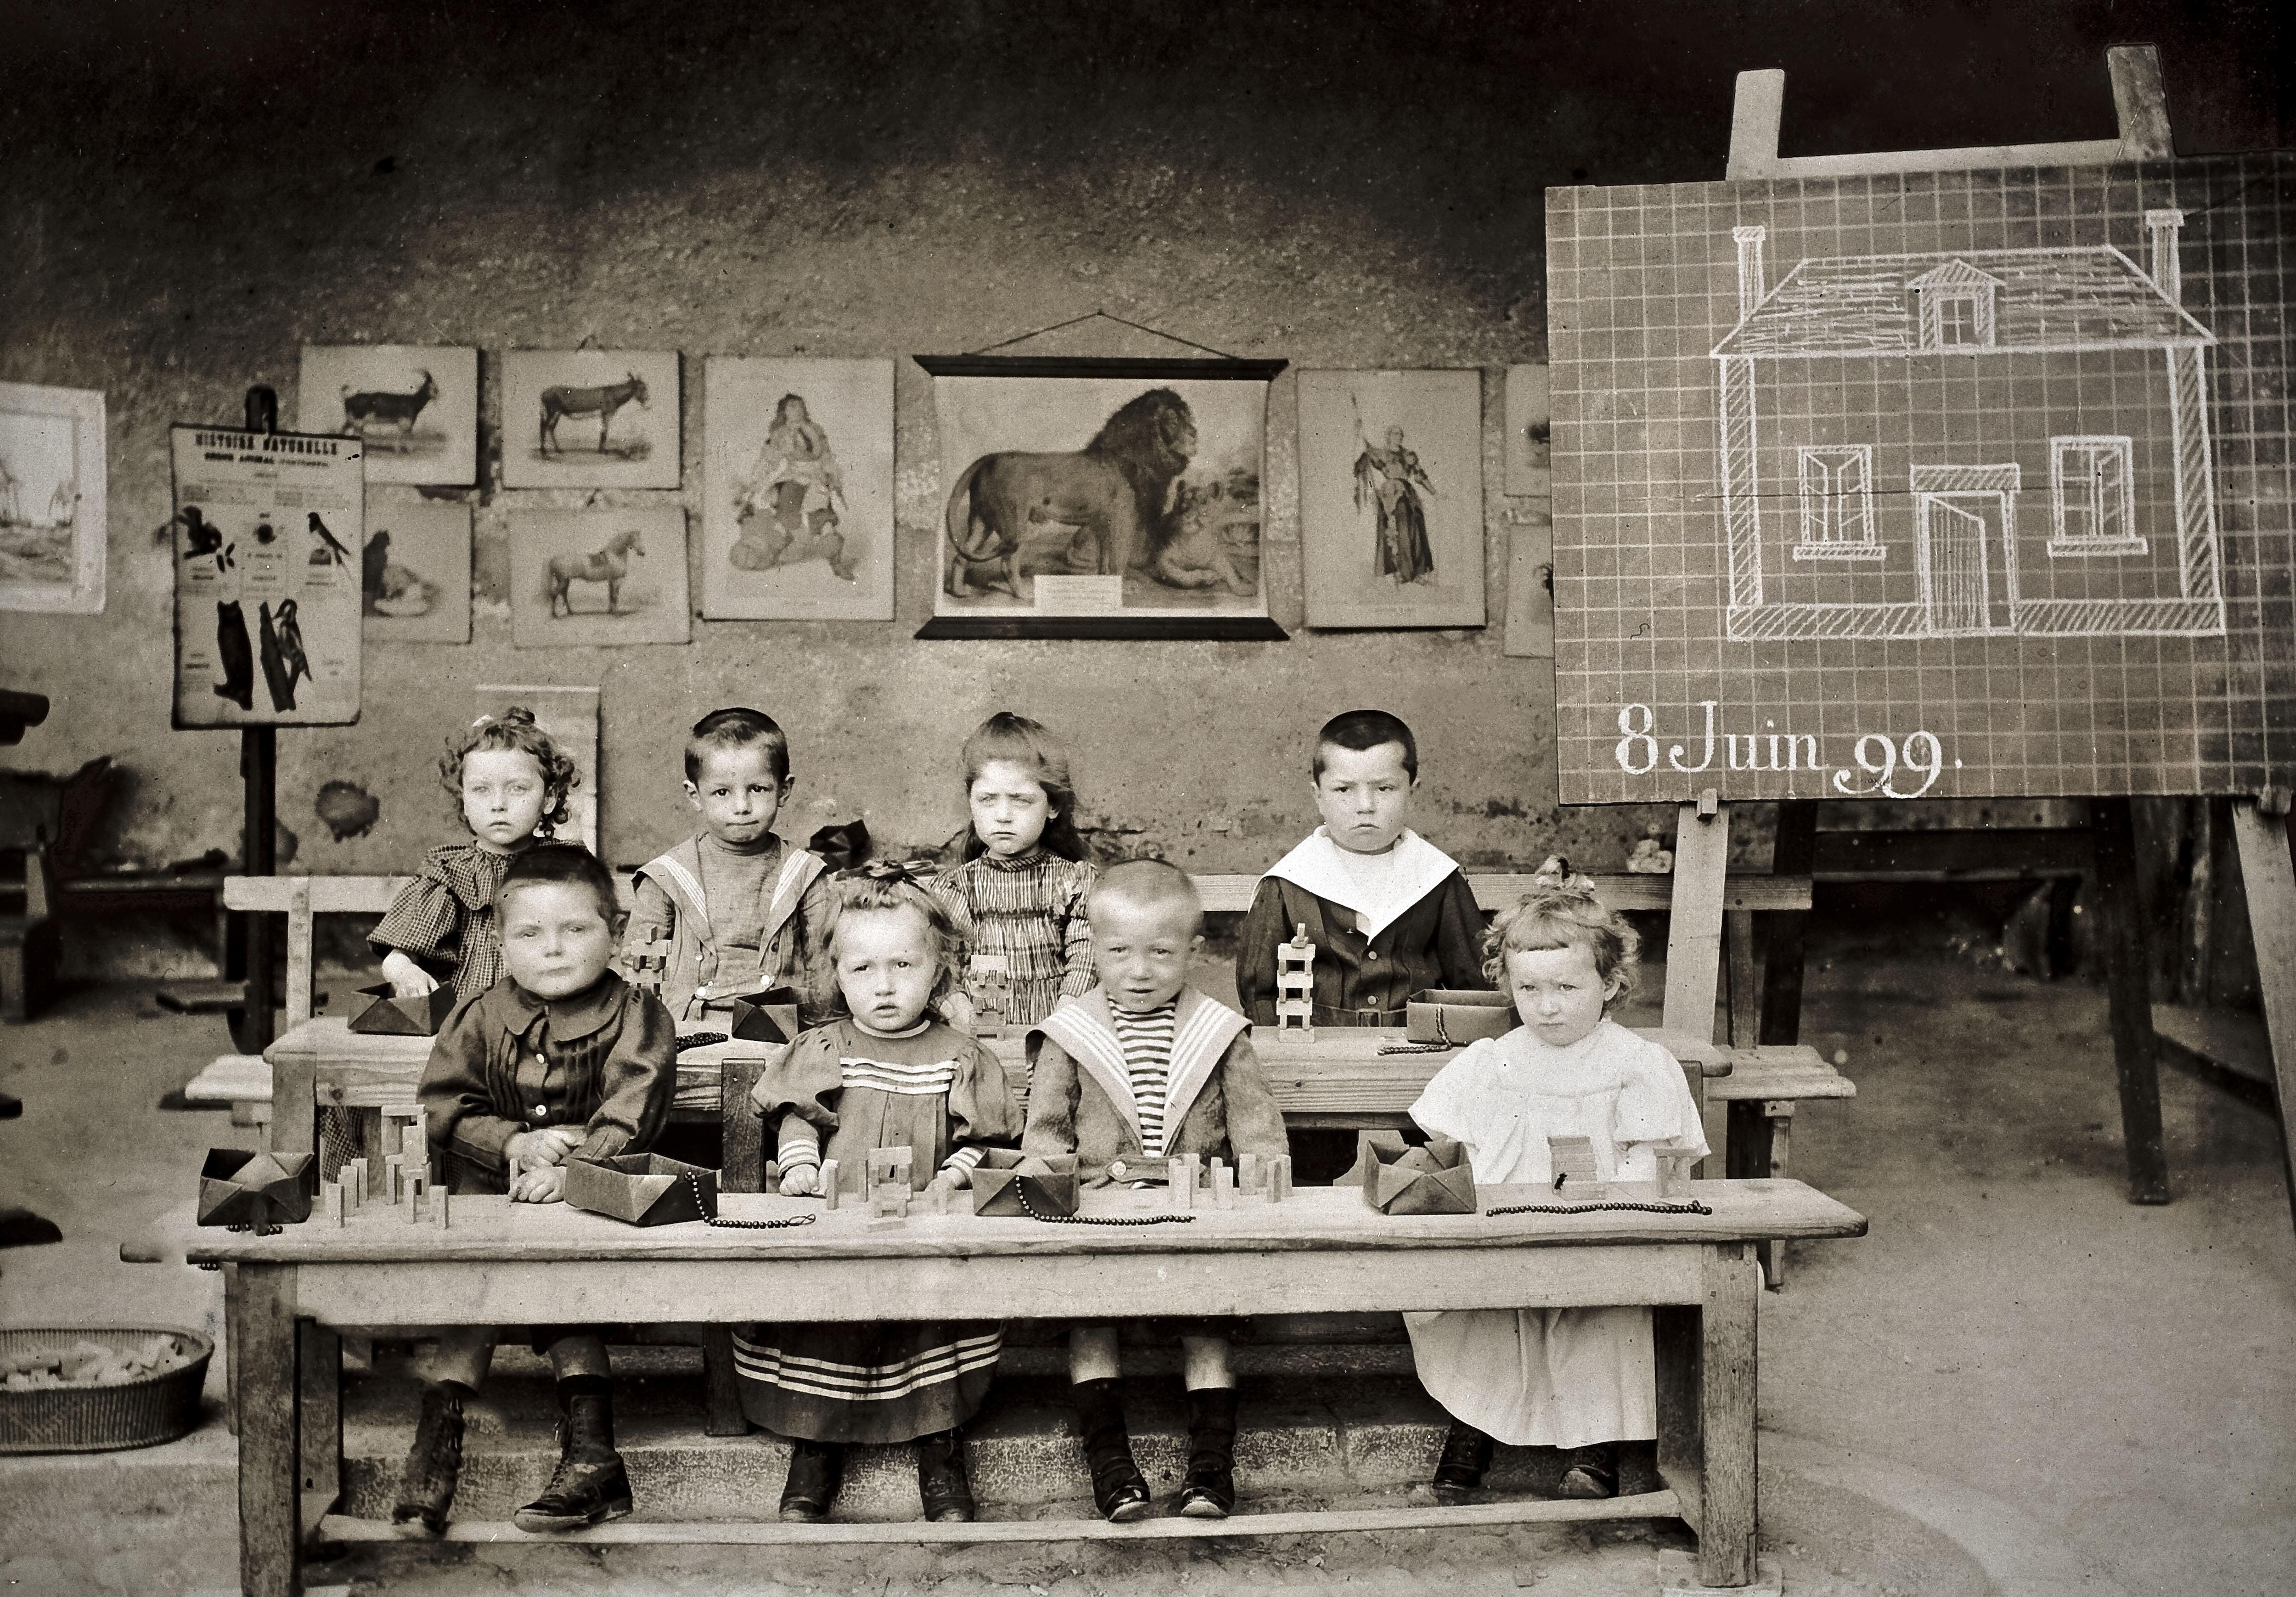 École maternelle de Mâcon, filles et garçons, 1899. © Réseau Canopé/Munaé